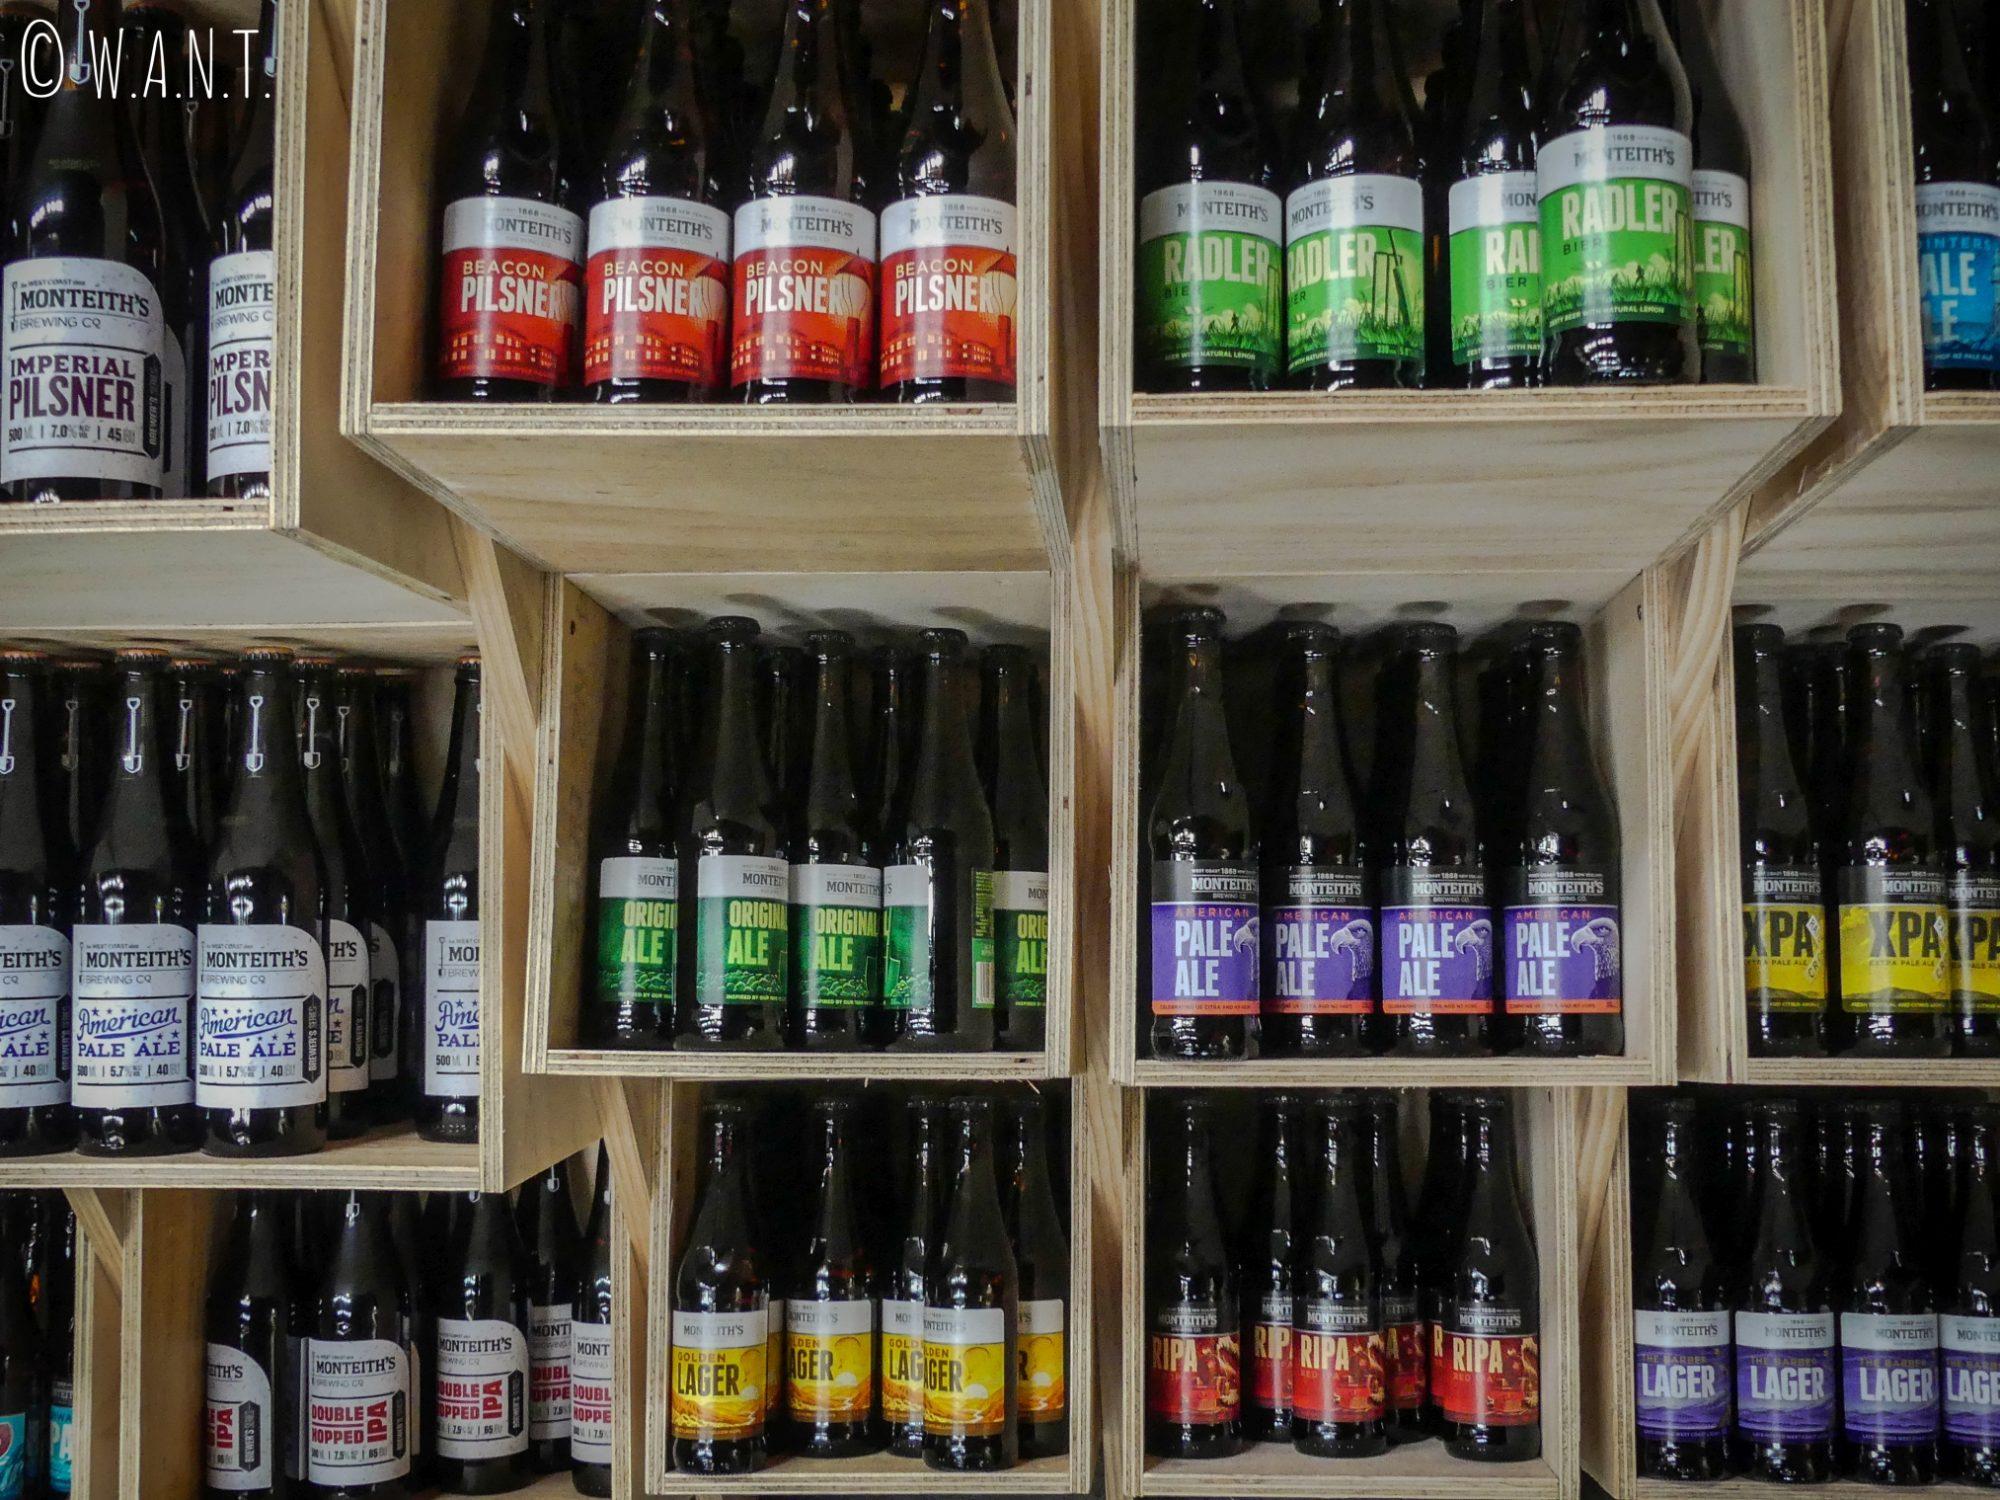 Il est possible de déguster de nombreux breuvages à la brasserie Montheith's située à Greymouth en Nouvelle-Zélande